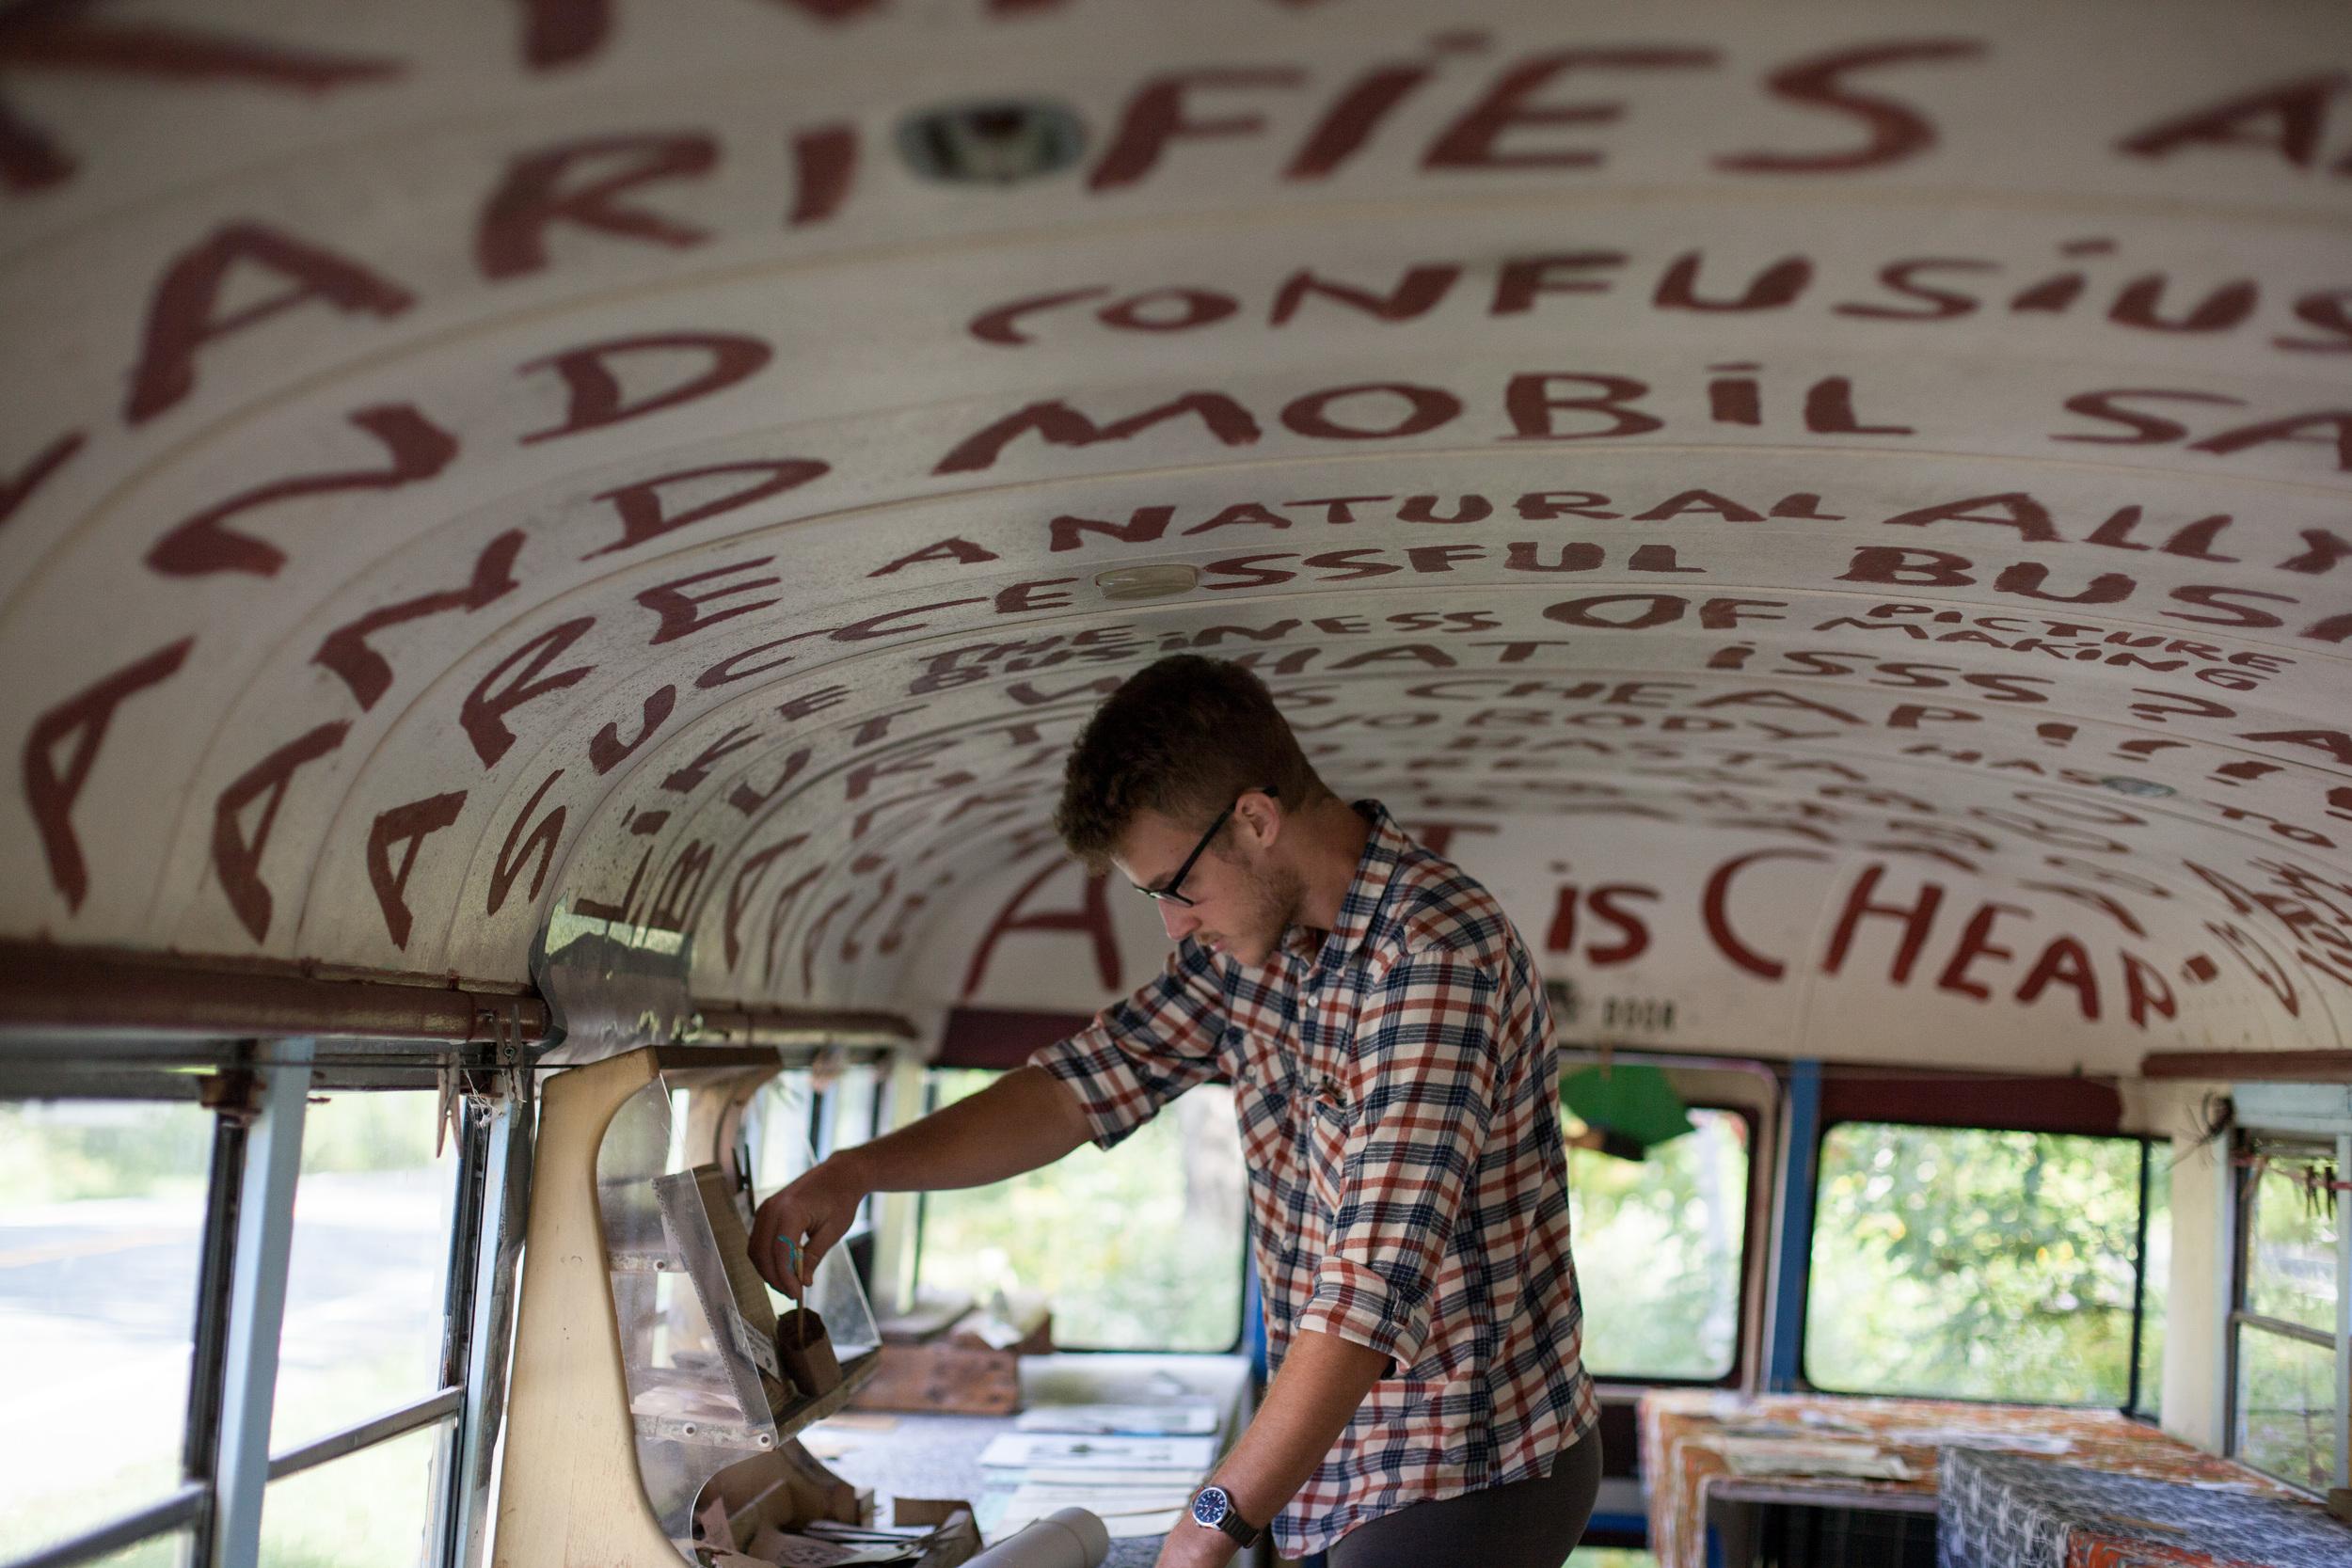 The B & P Cheap Art Bus